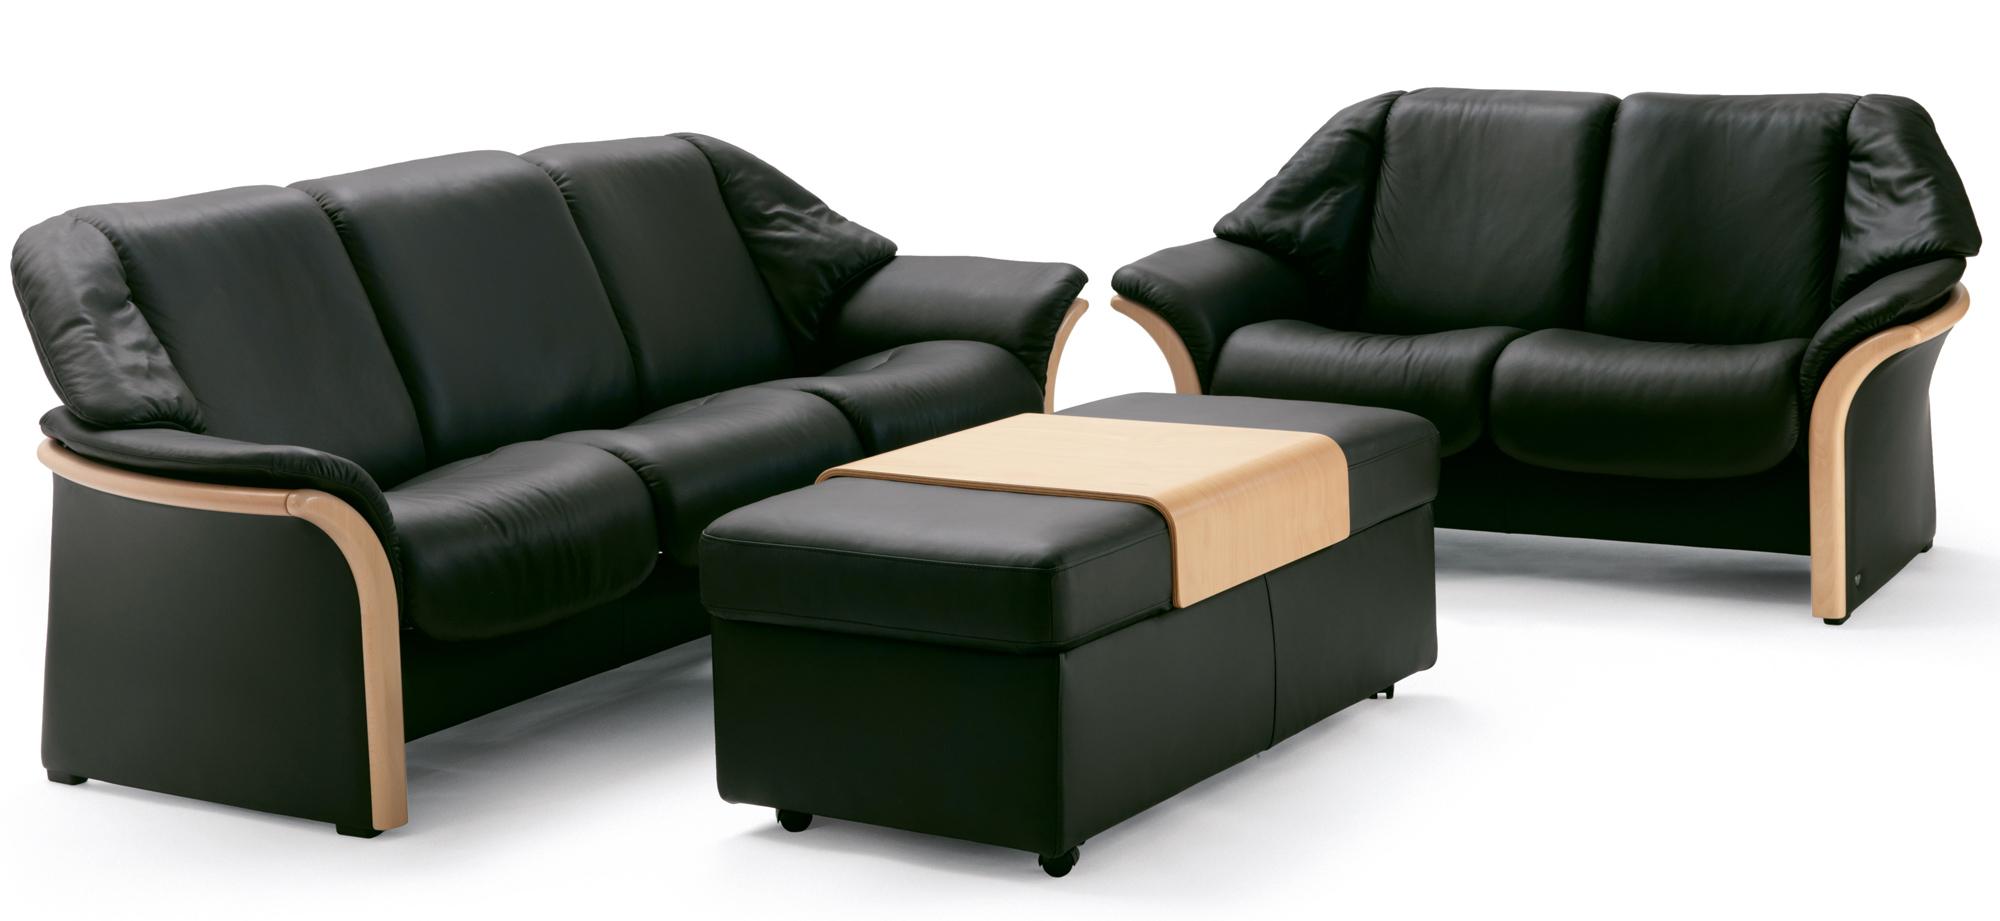 stressless eldorado kalusto stressless sohvat sohvat. Black Bedroom Furniture Sets. Home Design Ideas